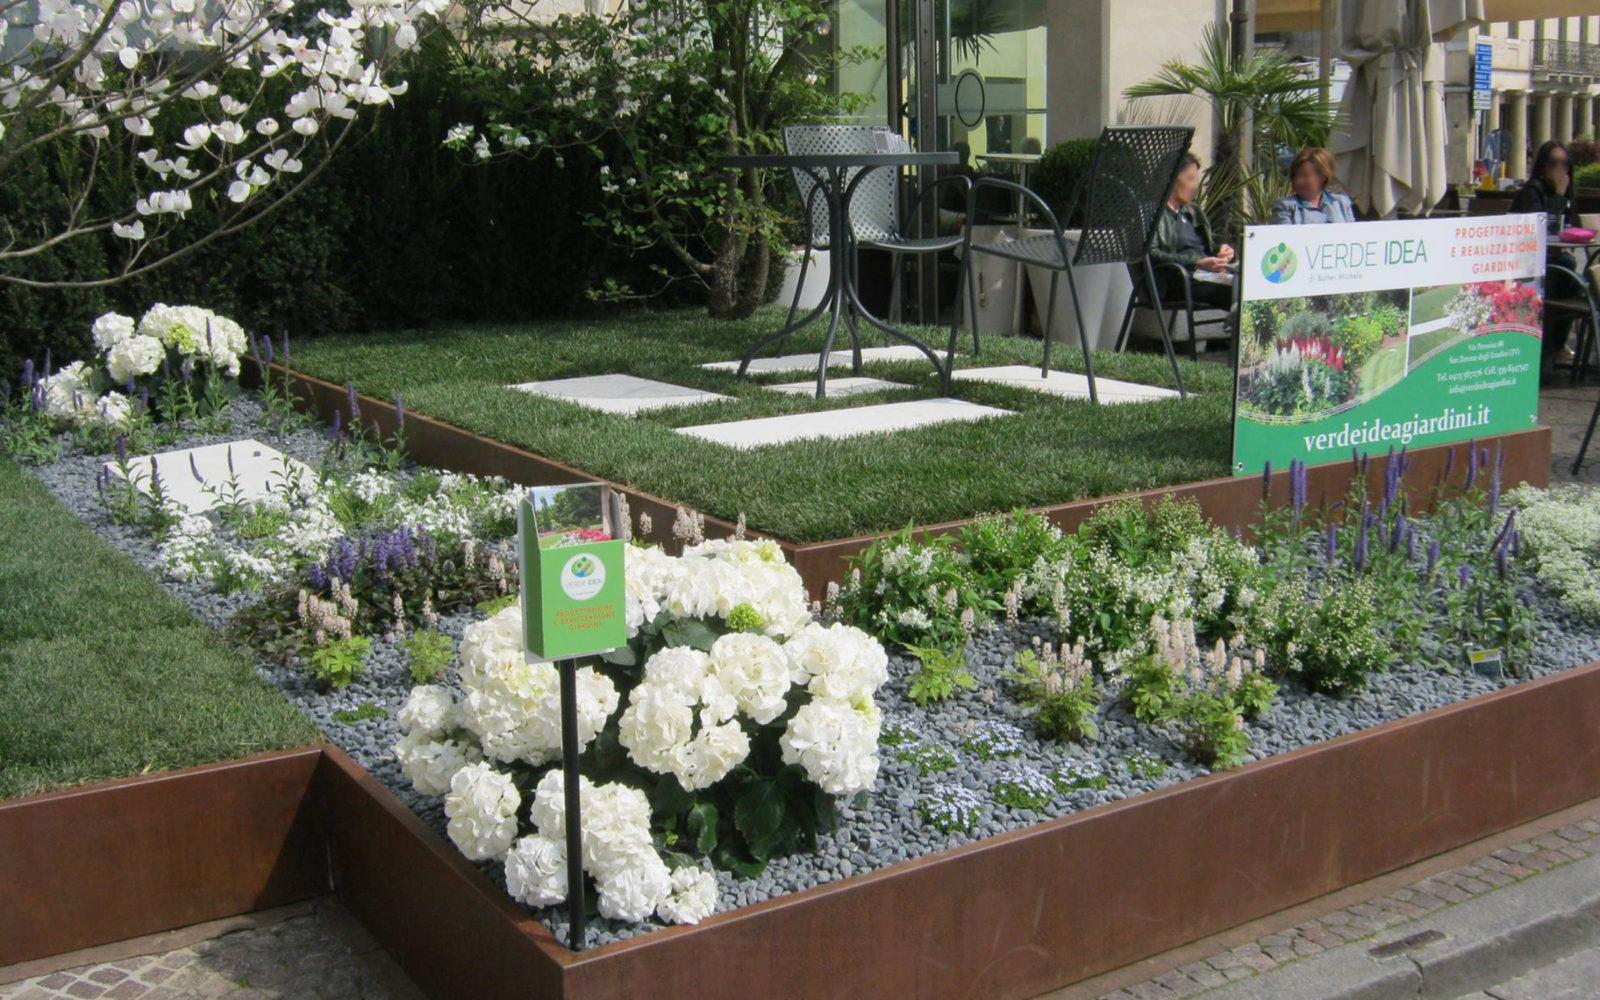 allestimento giardino Verde Idea a Castelfranco Veneto 2016 - 5